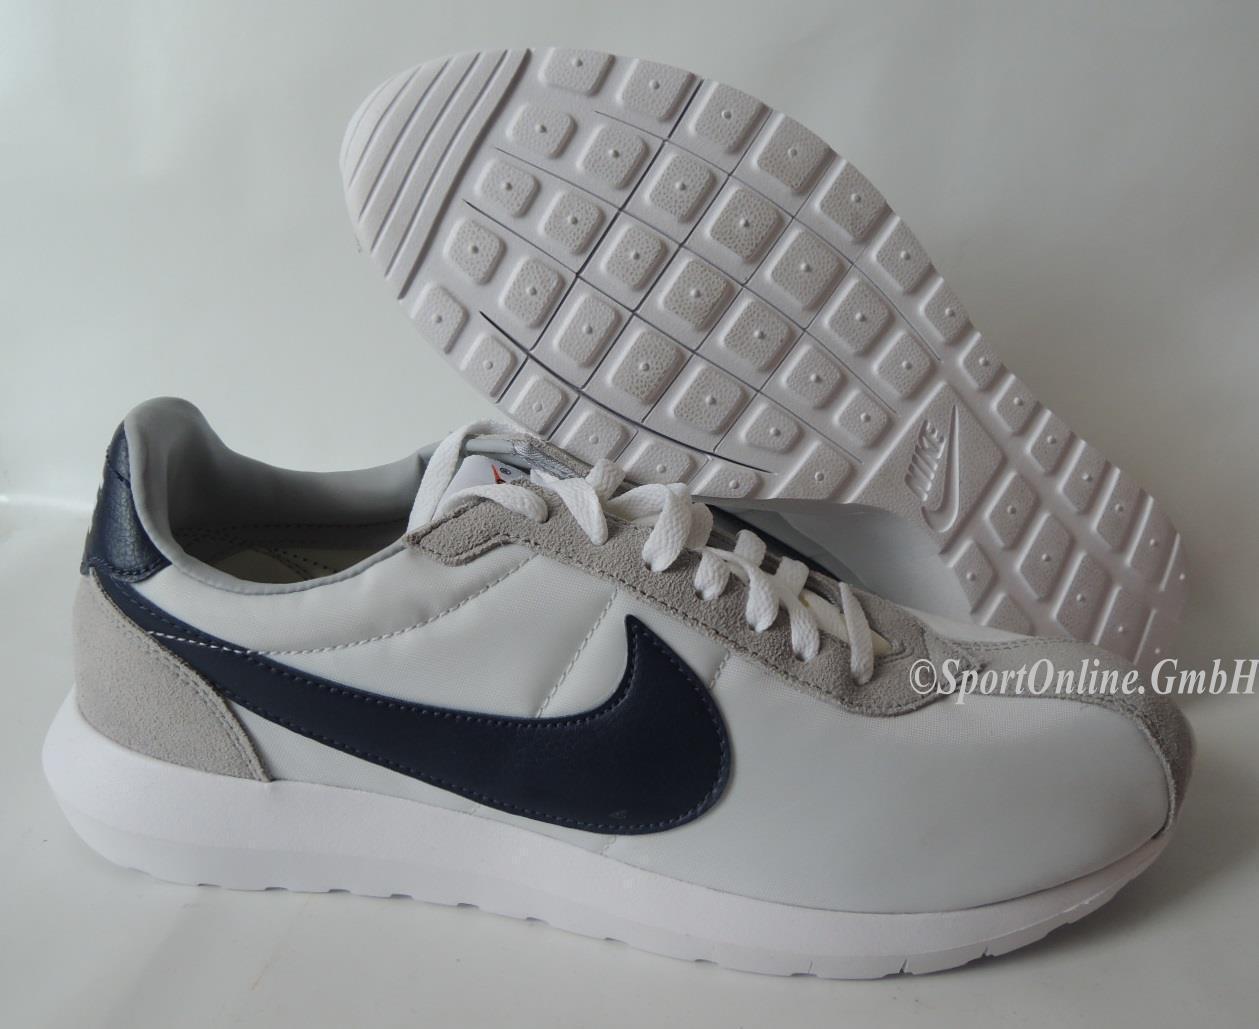 NEU Nike Roshe LD 1000 QS Gr. 46 Textil Sneaker Casual Schuhe 802022-002